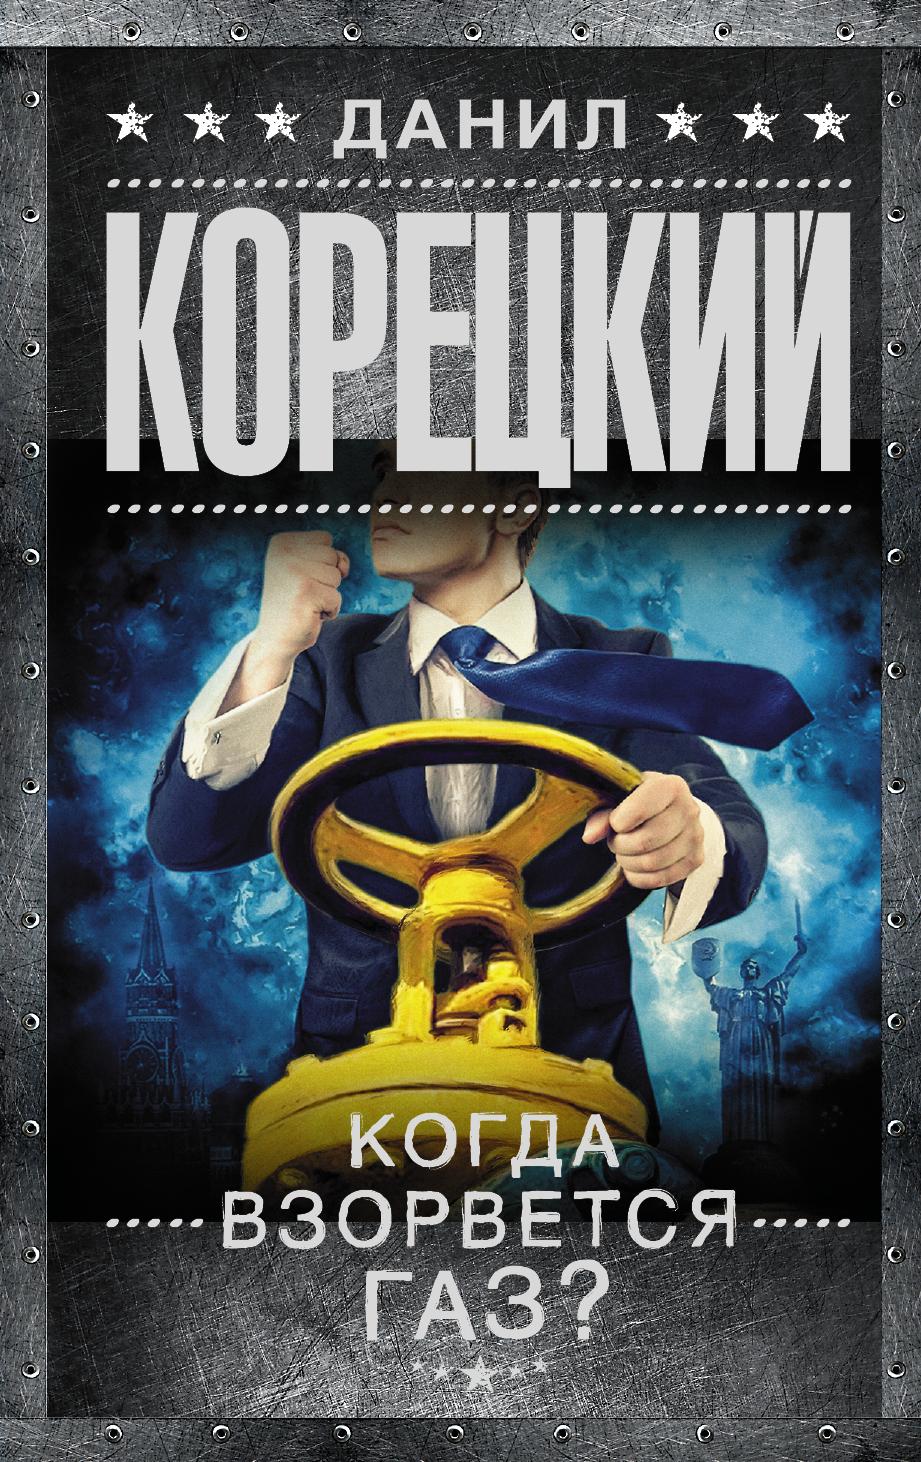 Корецкий Д.А. Когда взорвется газ? купить авто в украине запчасти шаран